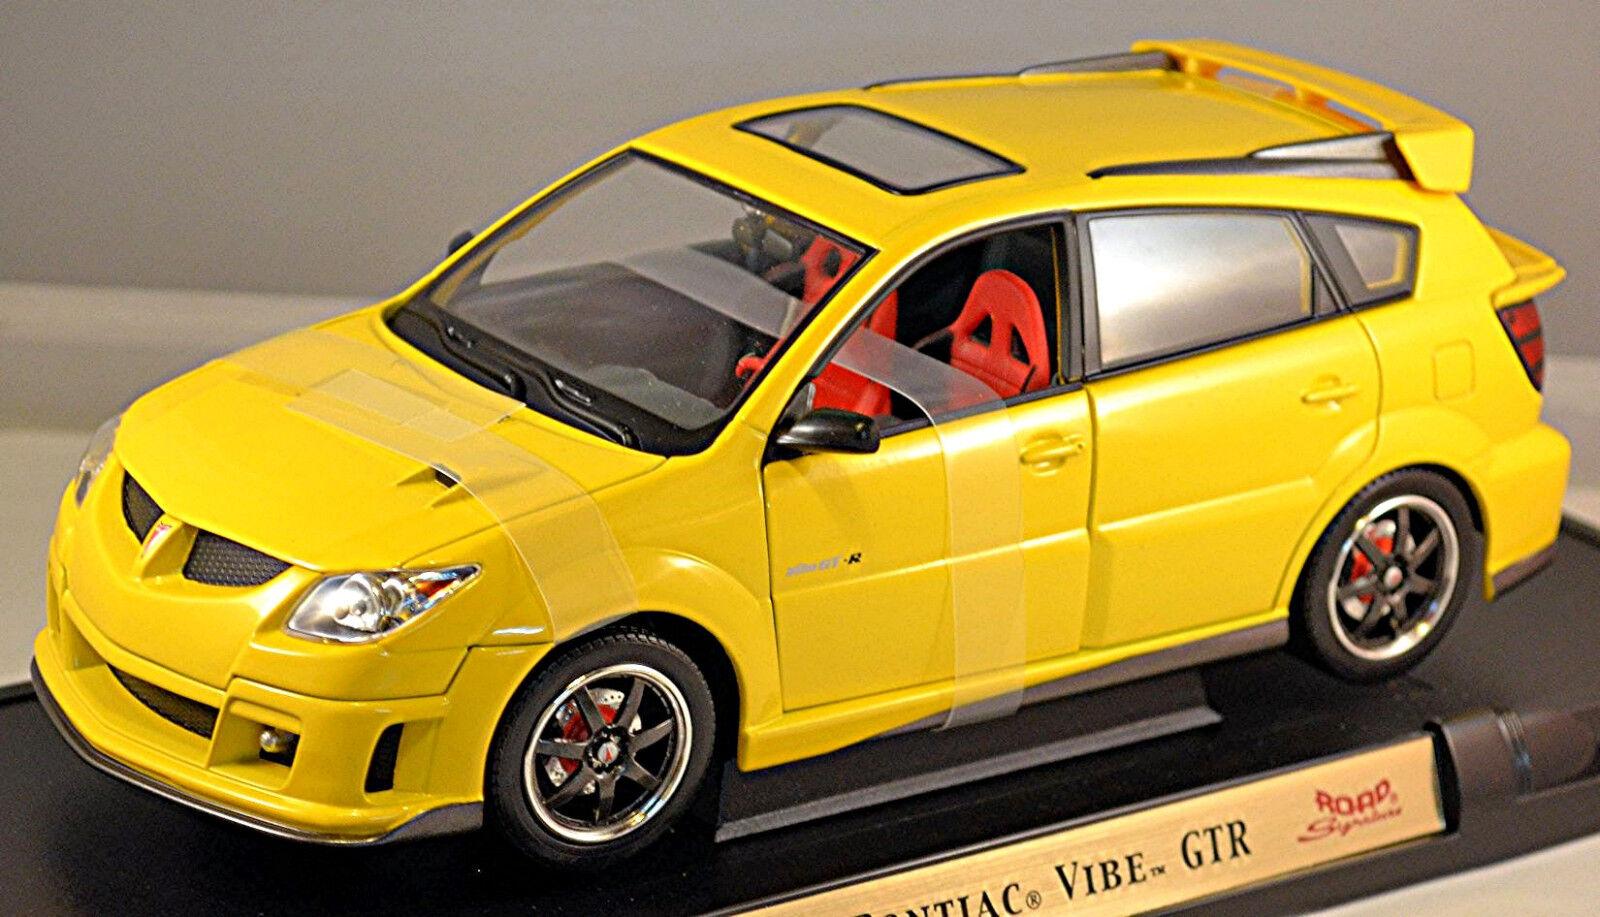 Pontiac Vibe GTR 2003 Giallo Metallico 1:18 Yat Ming